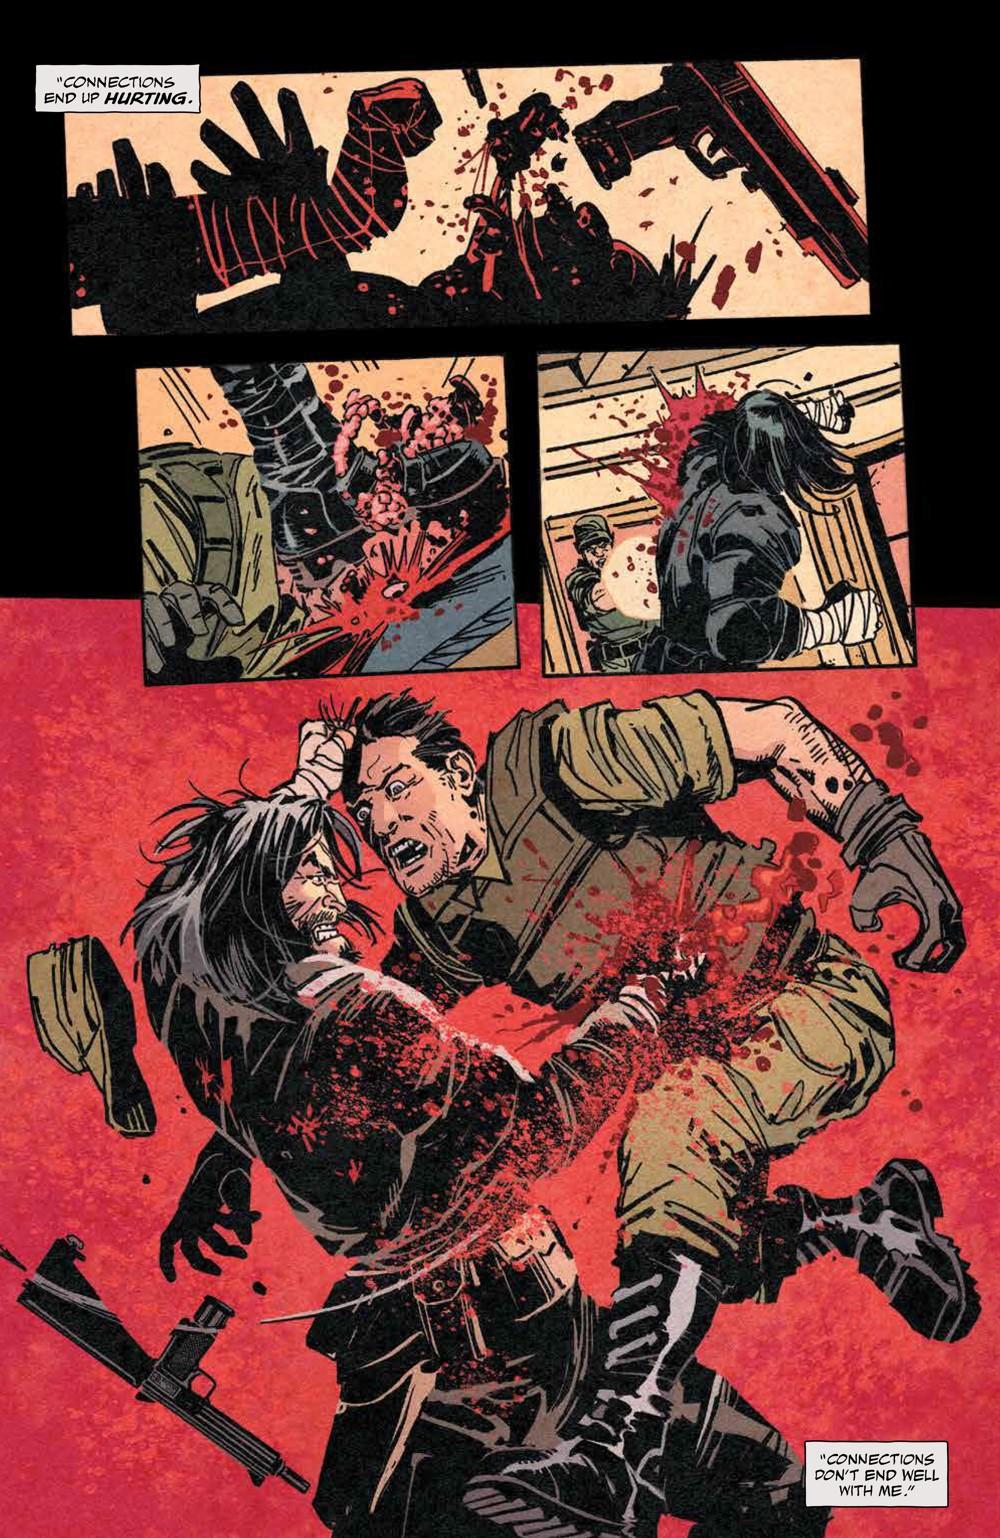 BRZRKR_v1_SC_PRESS_19 ComicList Previews: BRZRKR VOLUME 1 TP